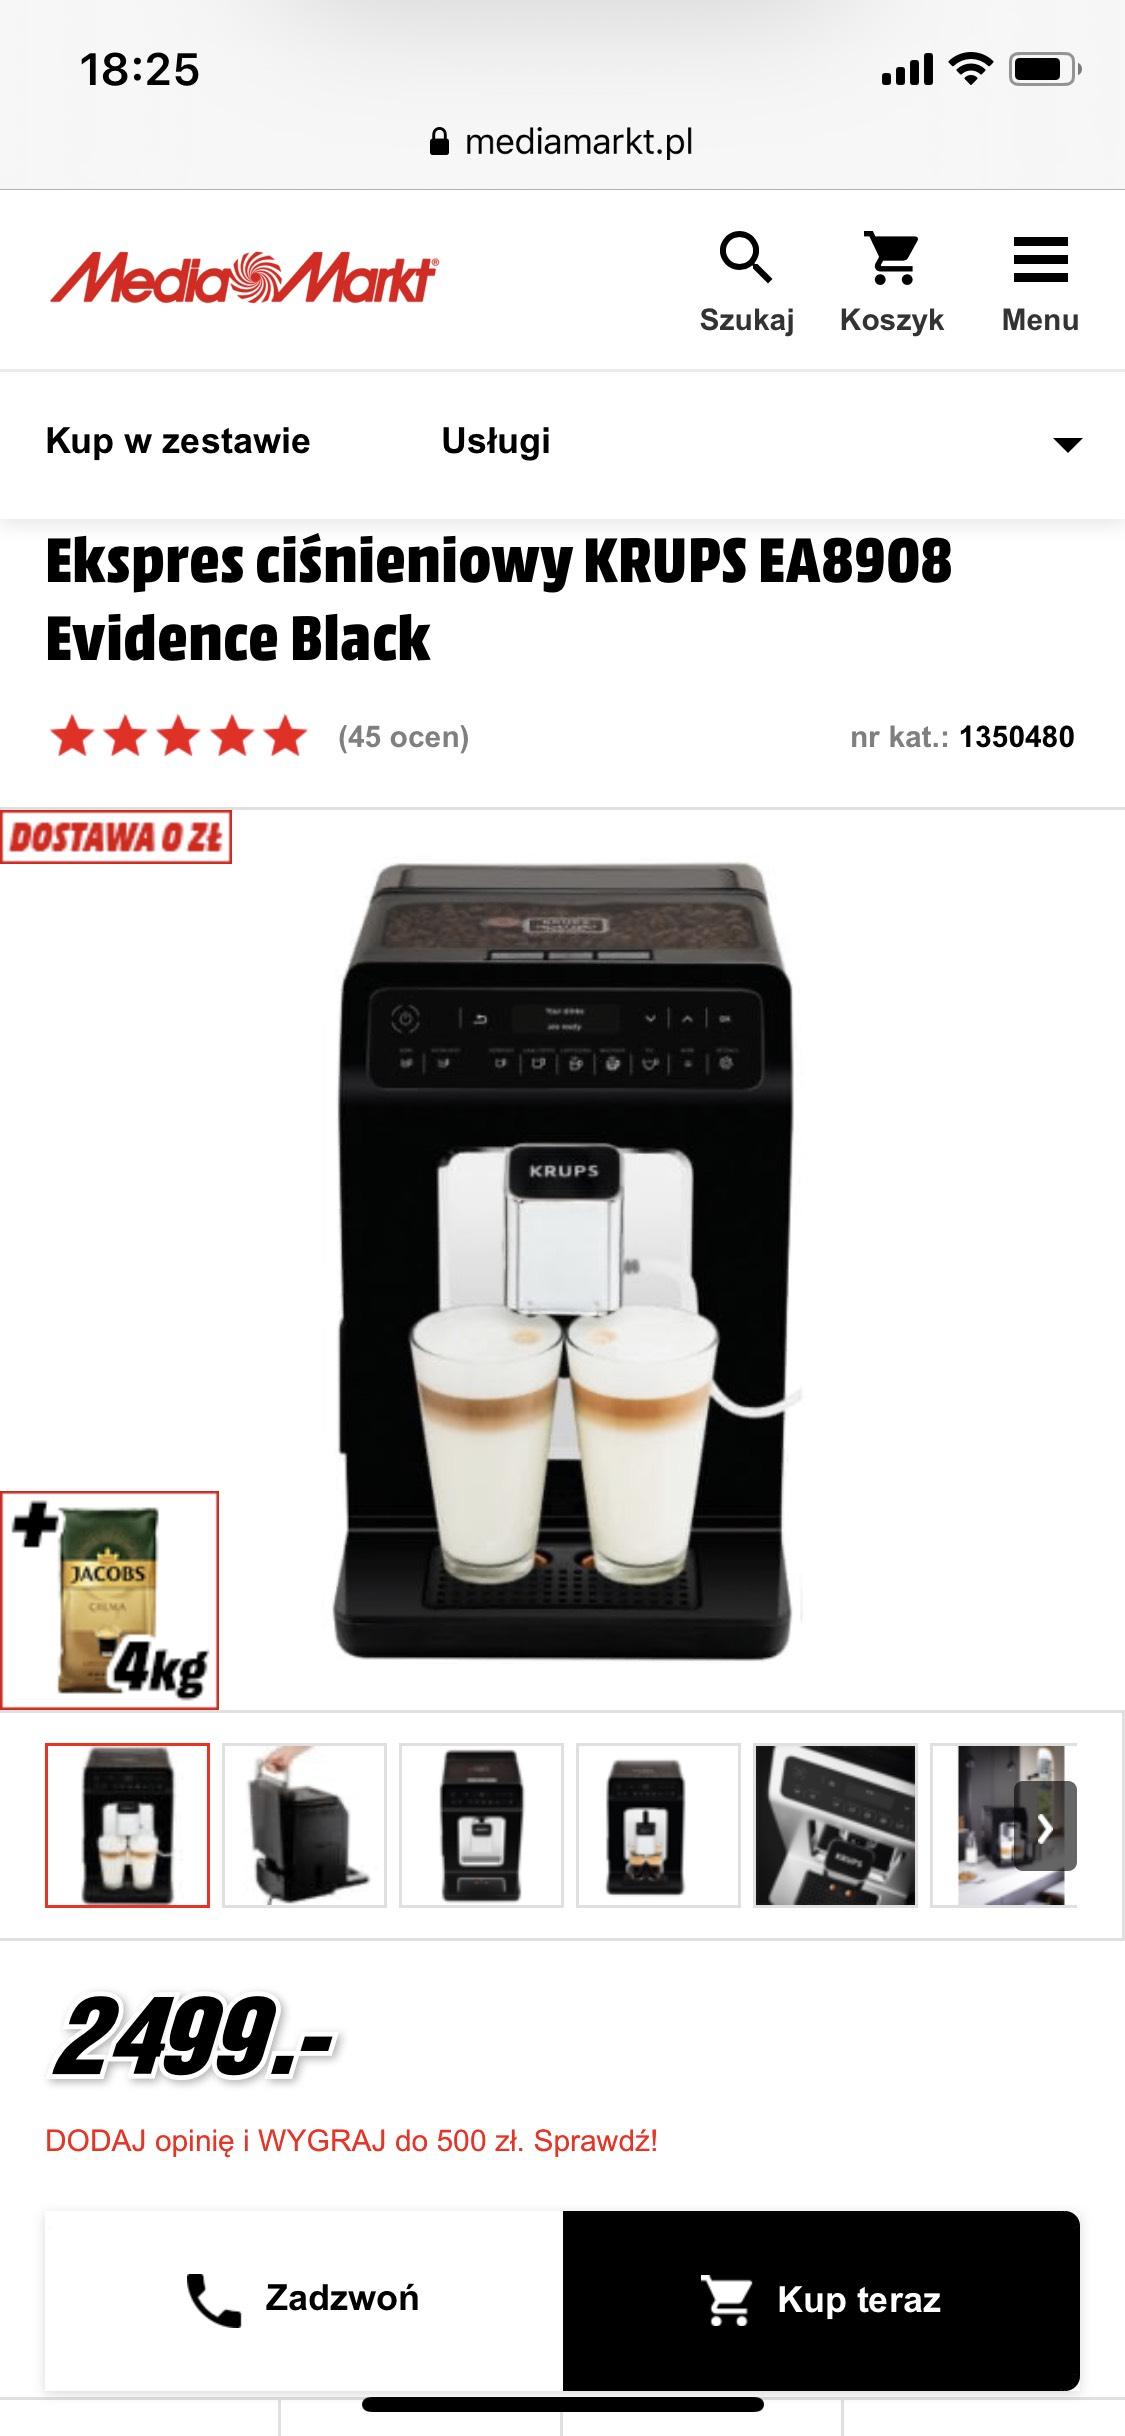 Ekspres KRUPS Ea8908 i ea8901 z 3 kg kawy i gwarancja + w zestawie oferta w MediaMarkt